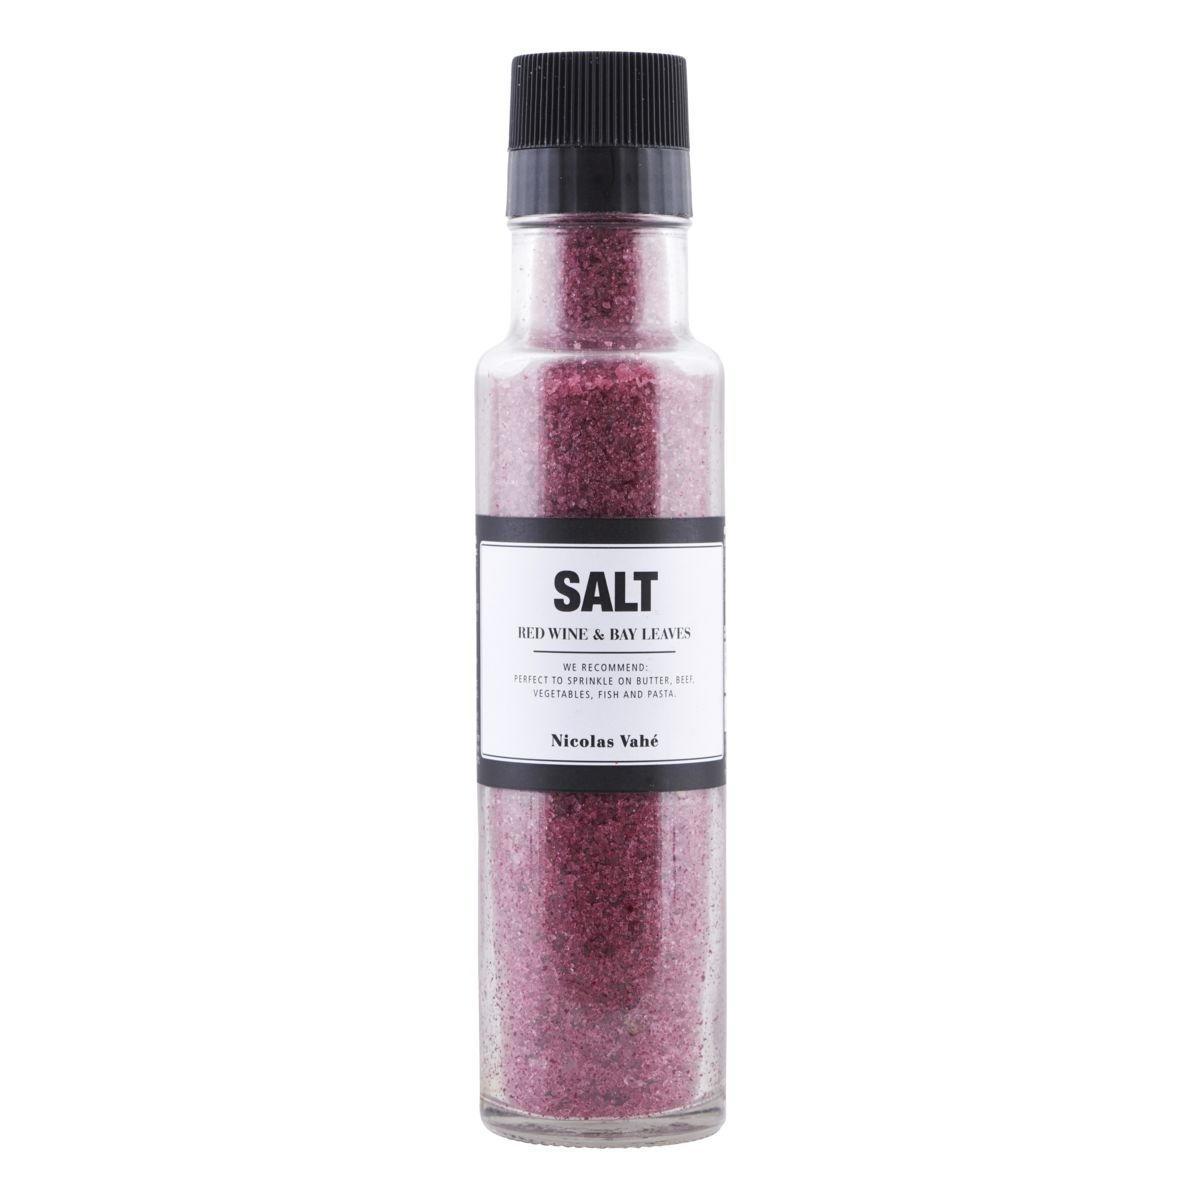 Nicolas Vahé Sůl s červeným vínem a bobkovým listem 340 g